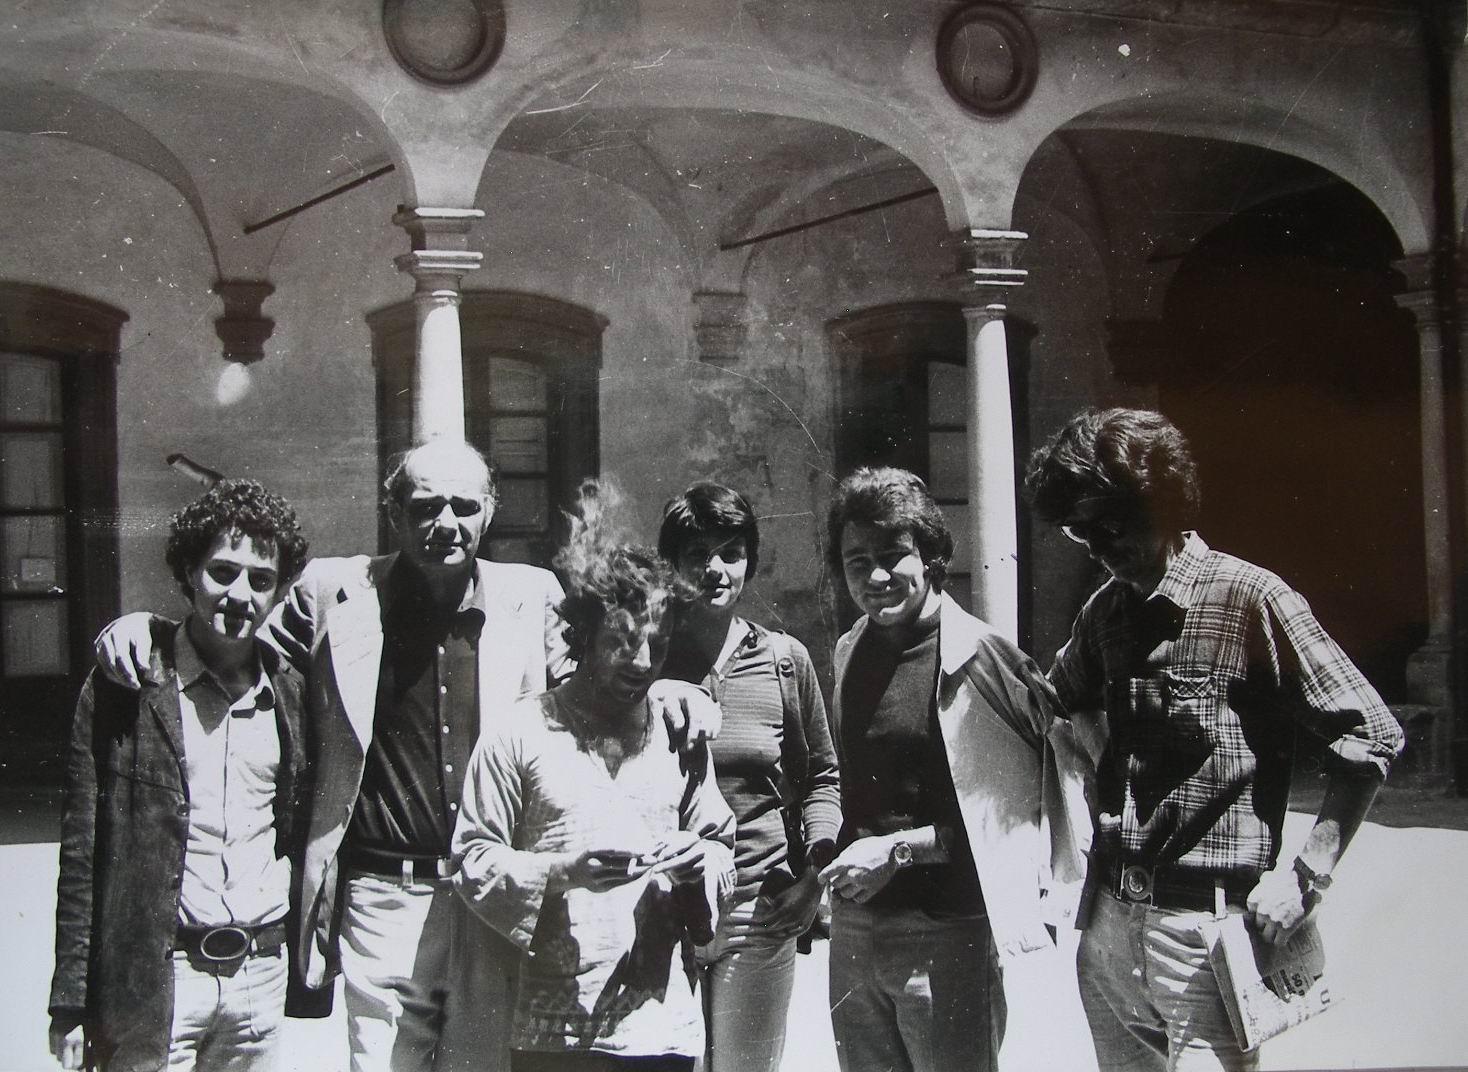 1973, en la Academia de Bellas Artes de Florencia - Italia, con nuestro maestro Fernando Farulli